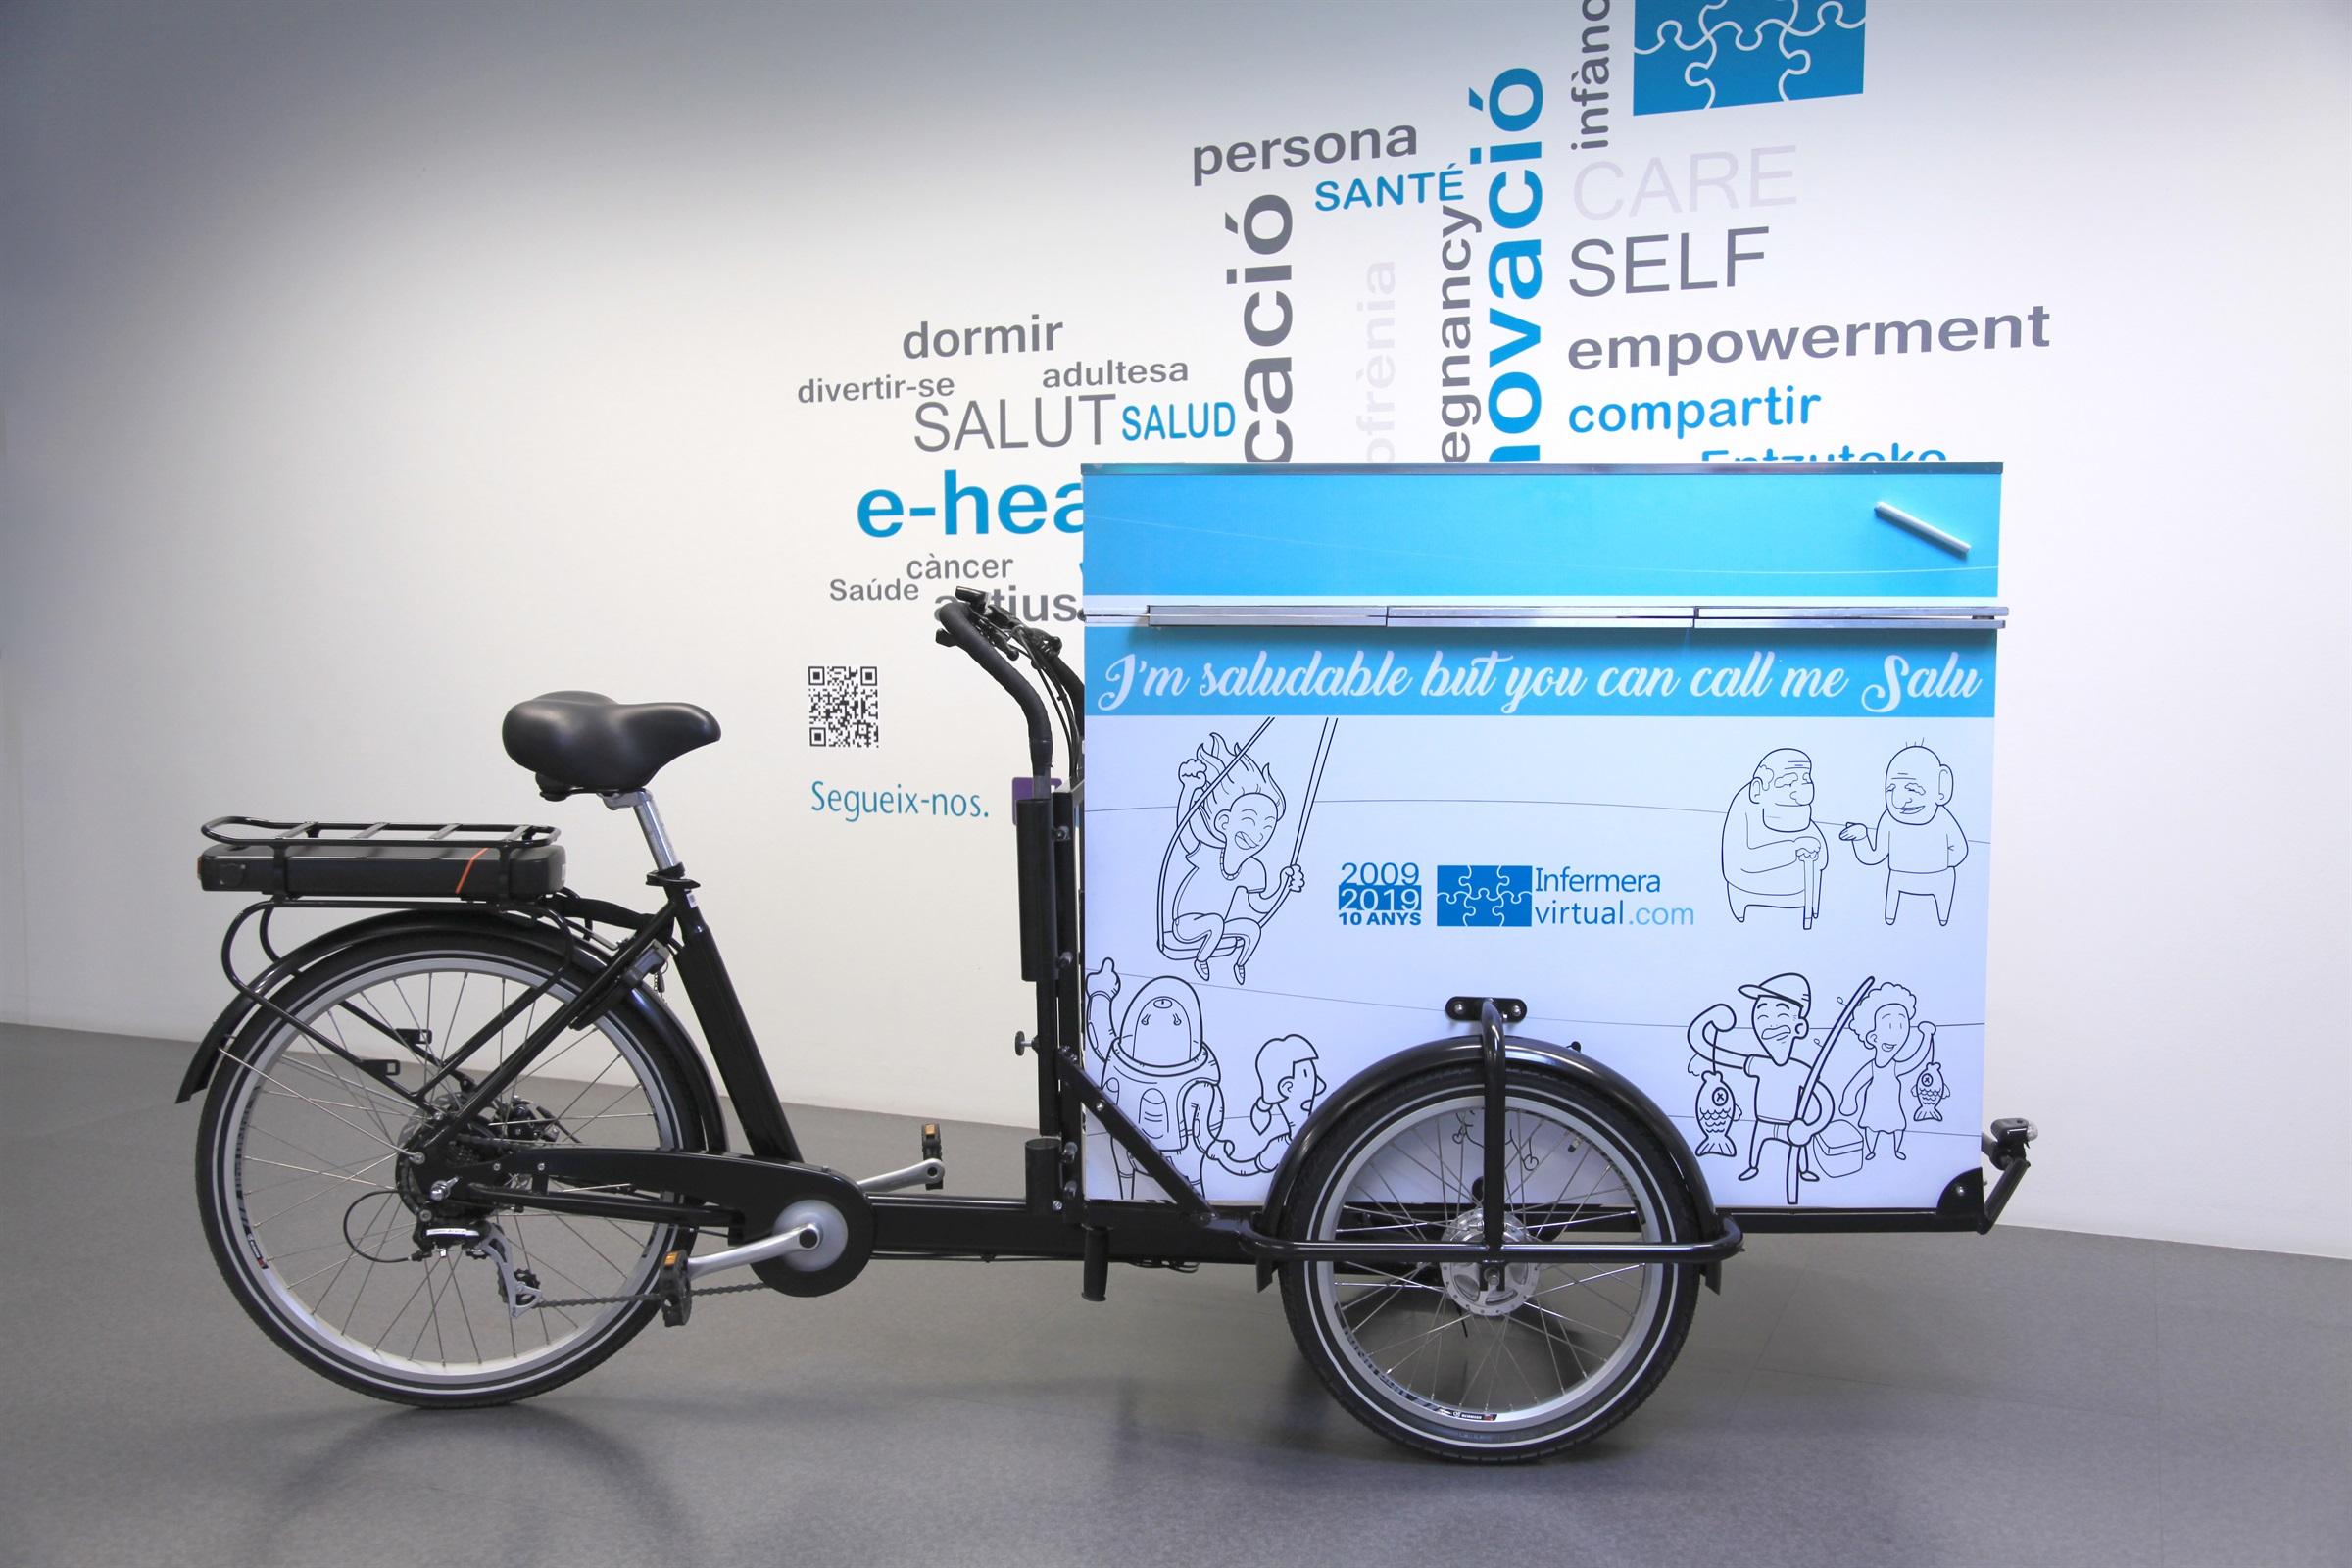 Infermera virtual porta tallers i activitats amb la bicicleta itinerant 'la Salu' a la Fira de Salut de Sant Andreu de la Barca